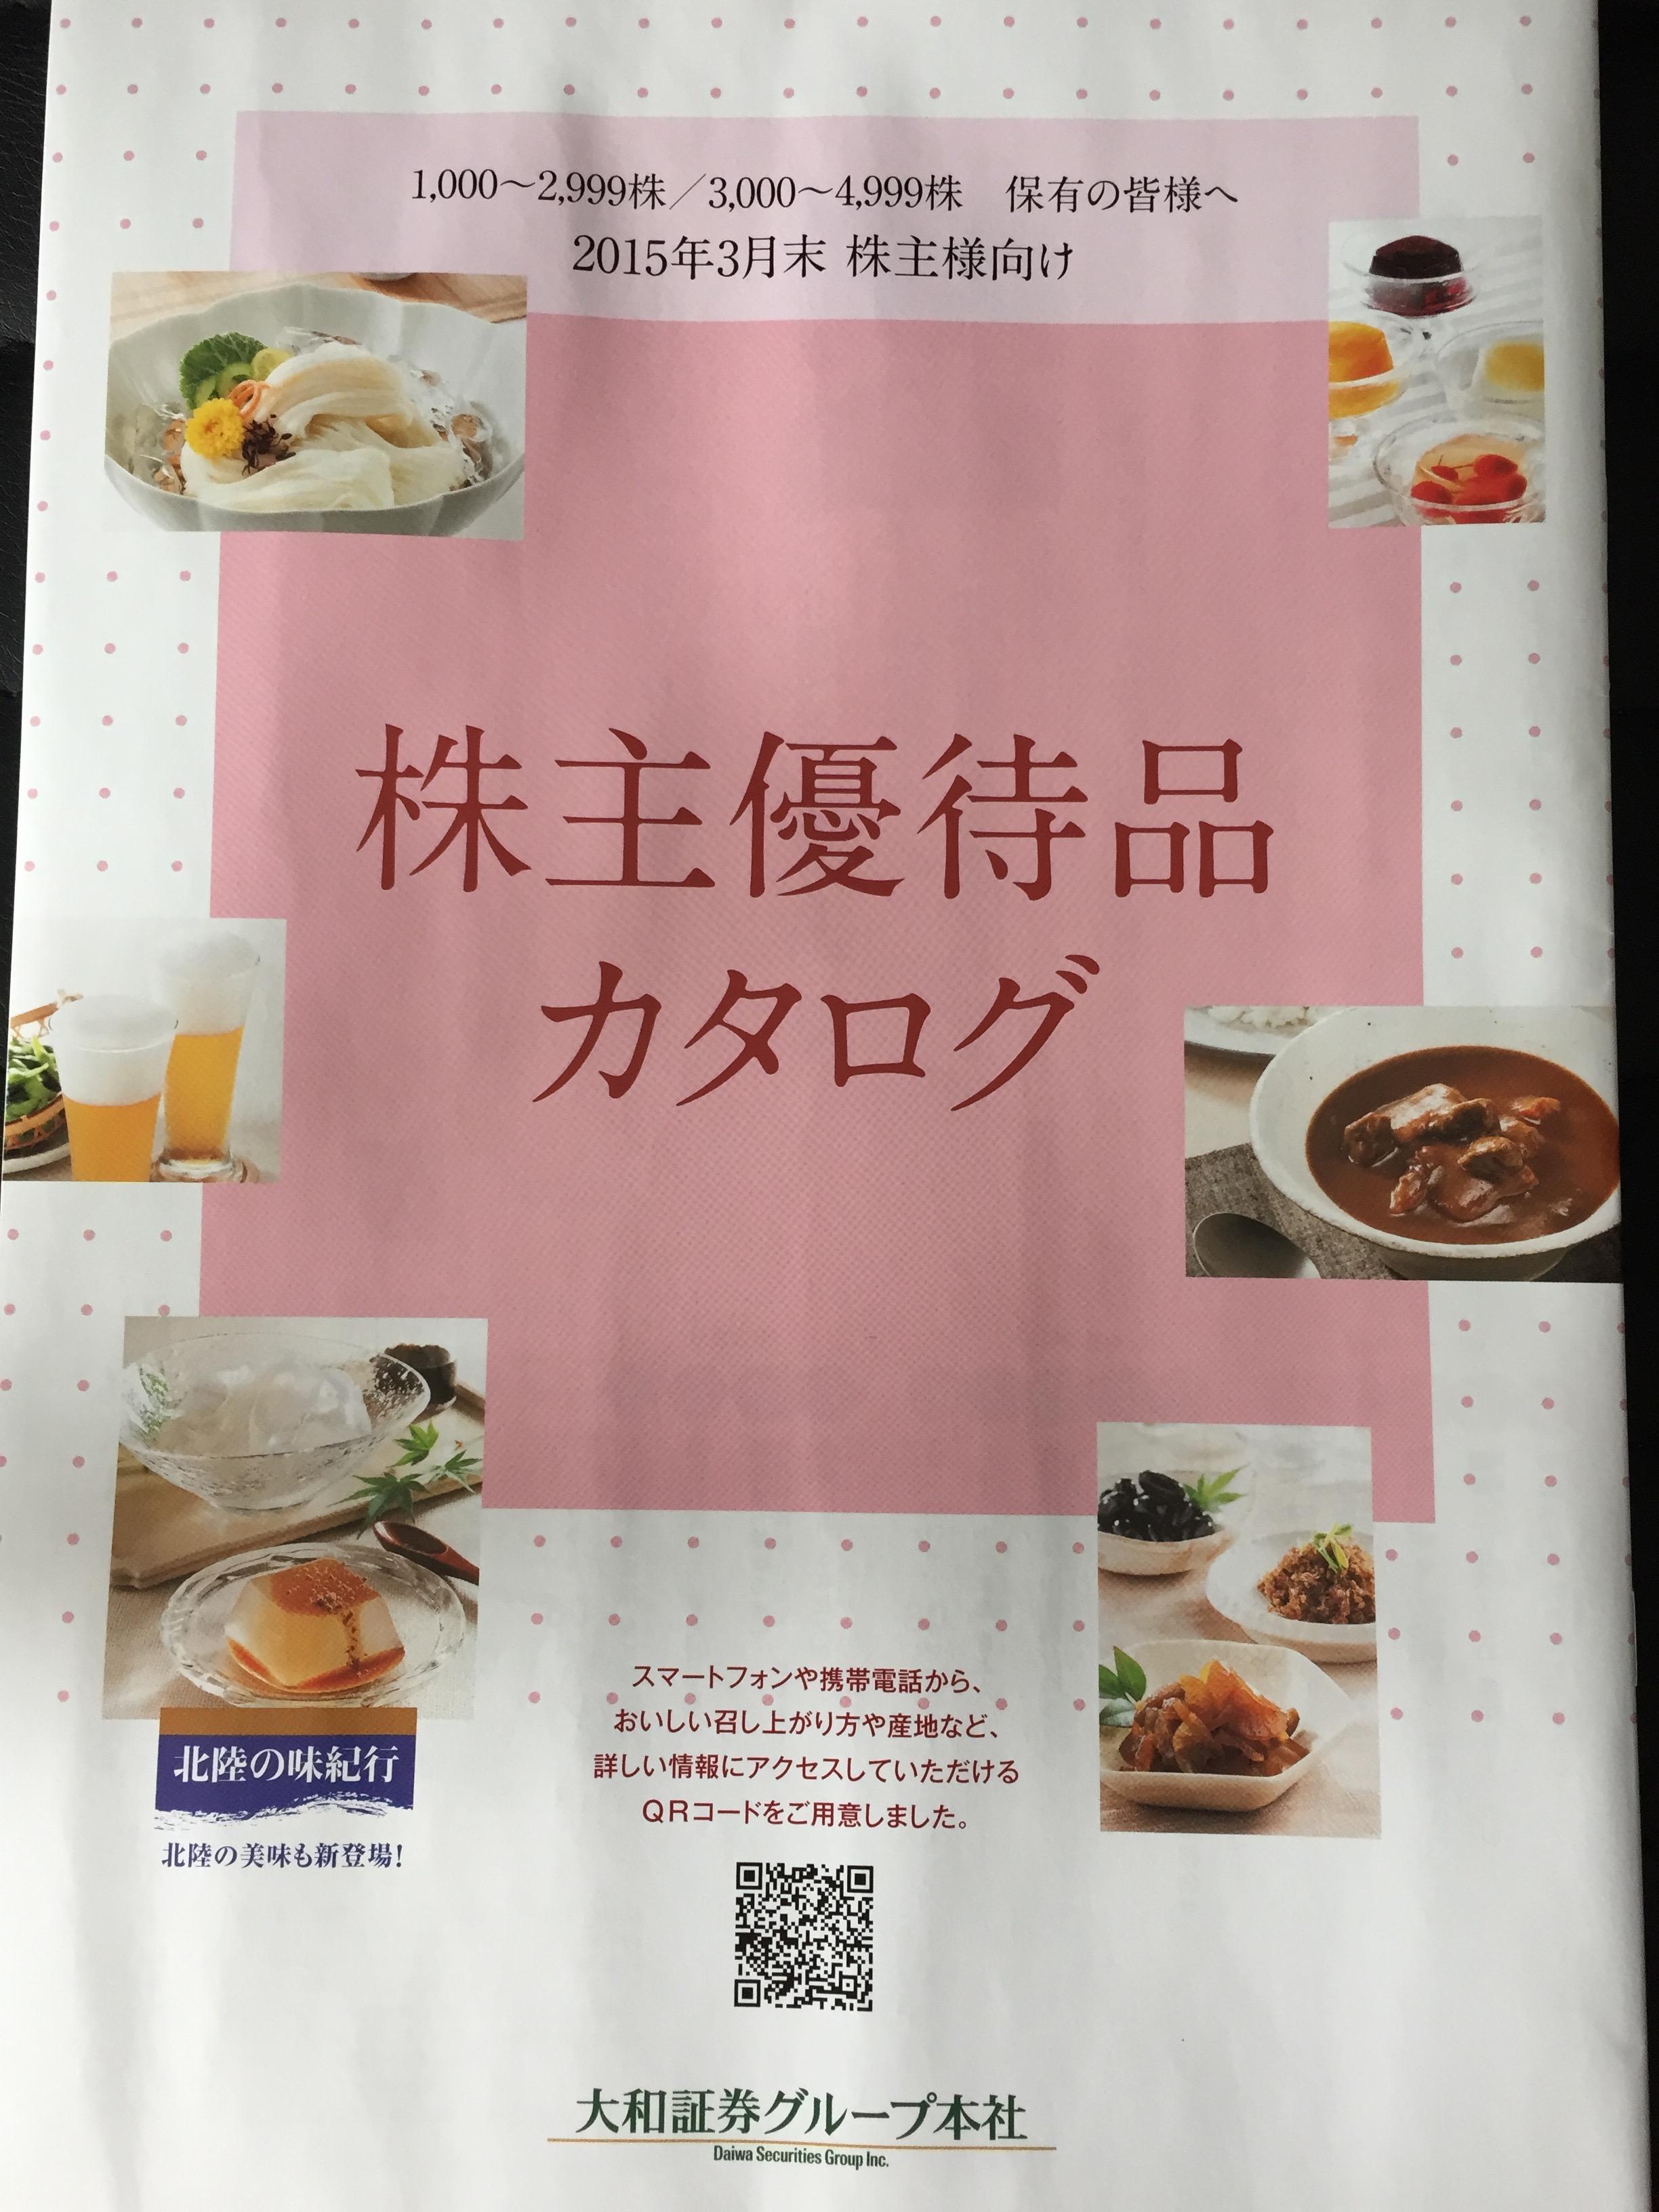 大和証券グループ本社(8601)の株主優待カタログが到着!! 選んだのはもちろん